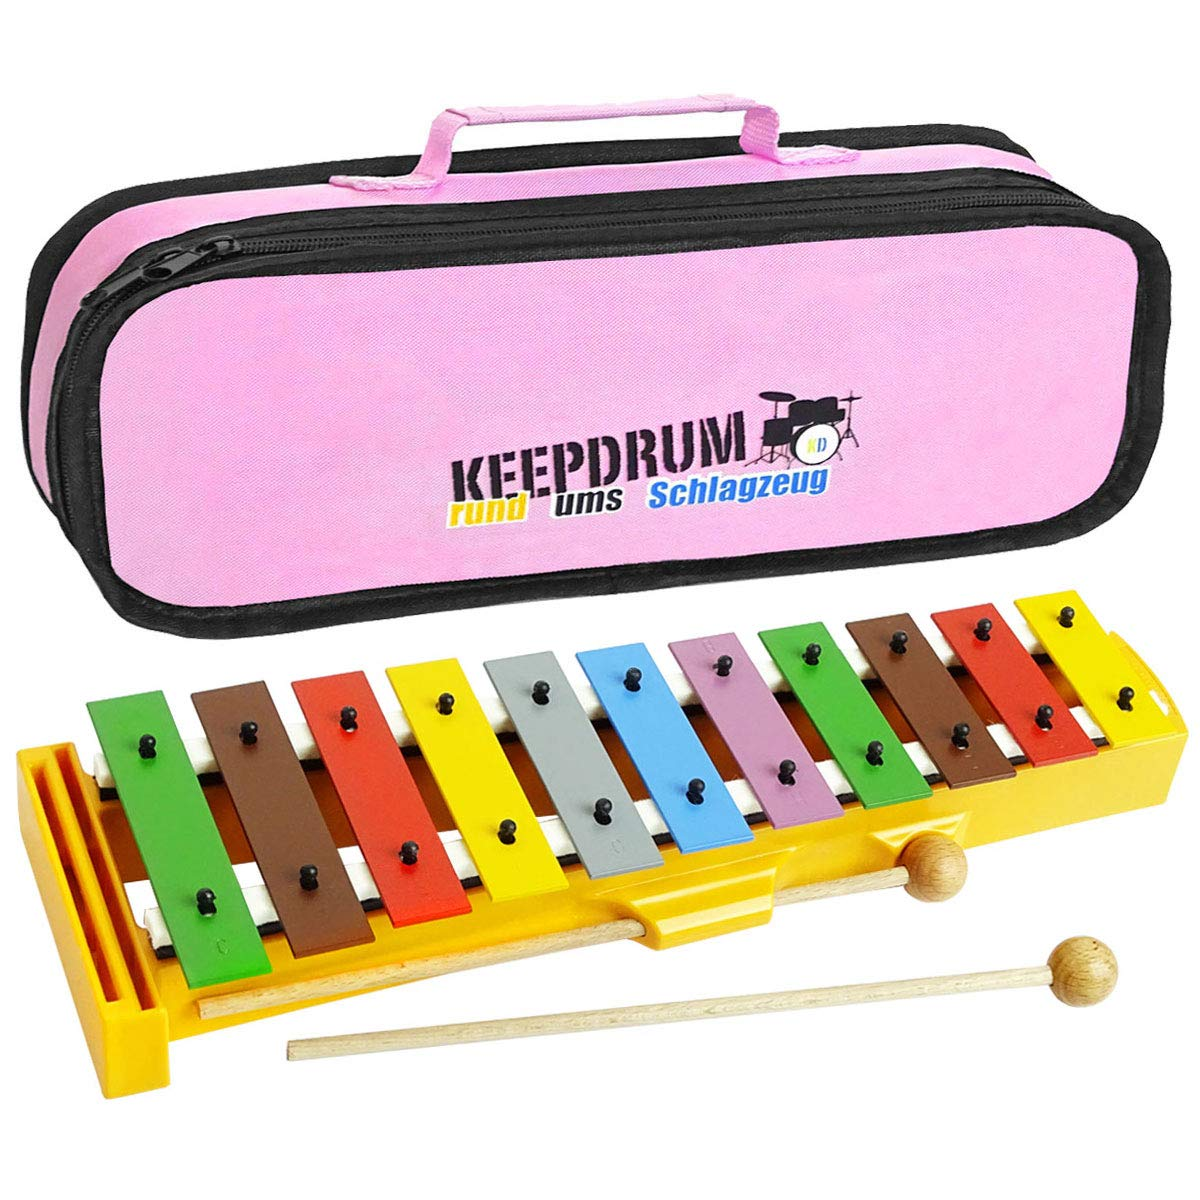 Sonor GS Xylophon Kinder Glockenspiel keepdrum Tasche Pink